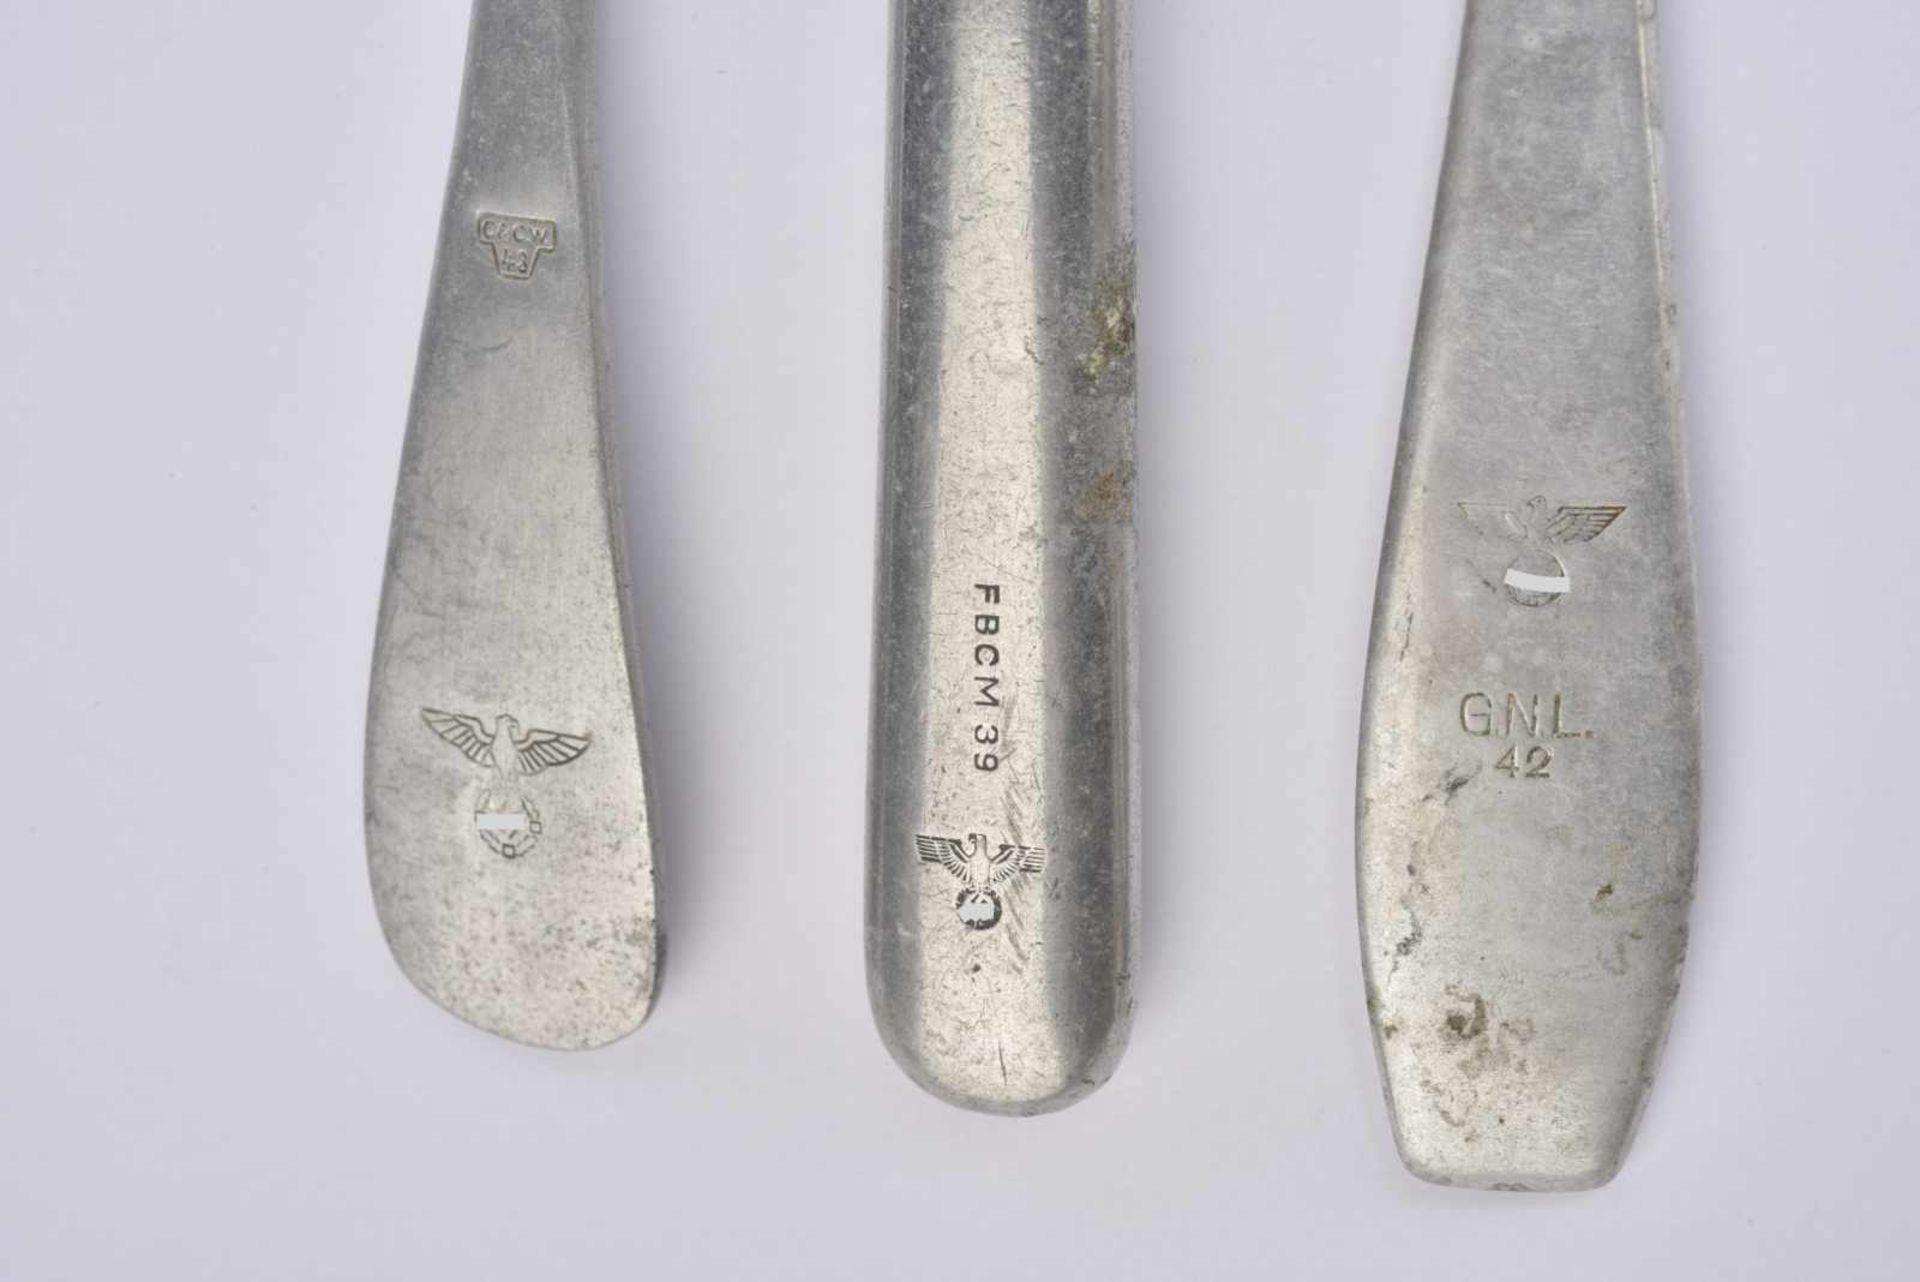 Ensemble de couverts de la Heer comprenant une fourchette en métal datée 43. Une cuillère en métal - Bild 2 aus 2